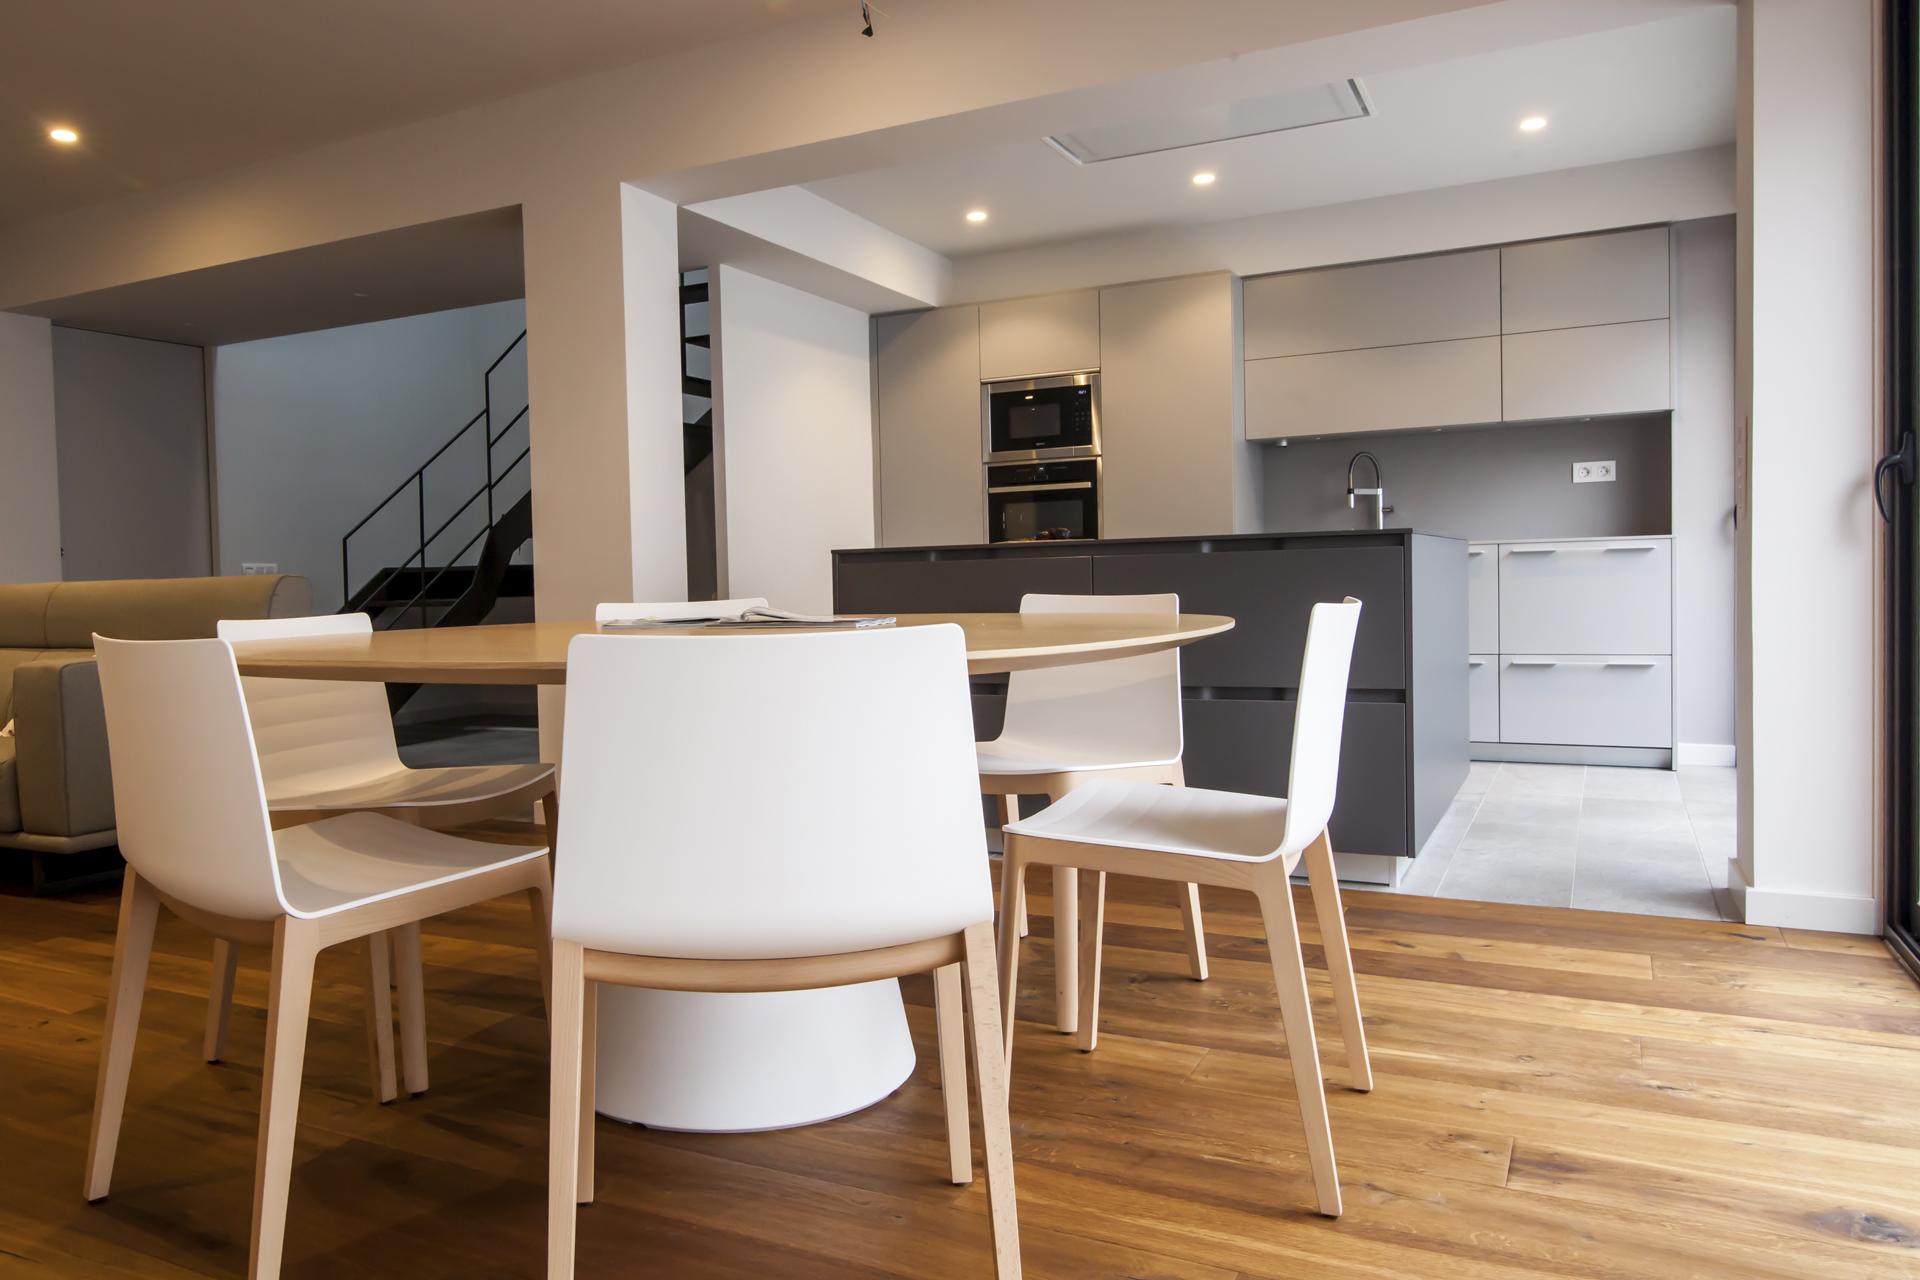 Puertas abiertas pavimentos y revestimientos marcan la - Cocinas con salon ...